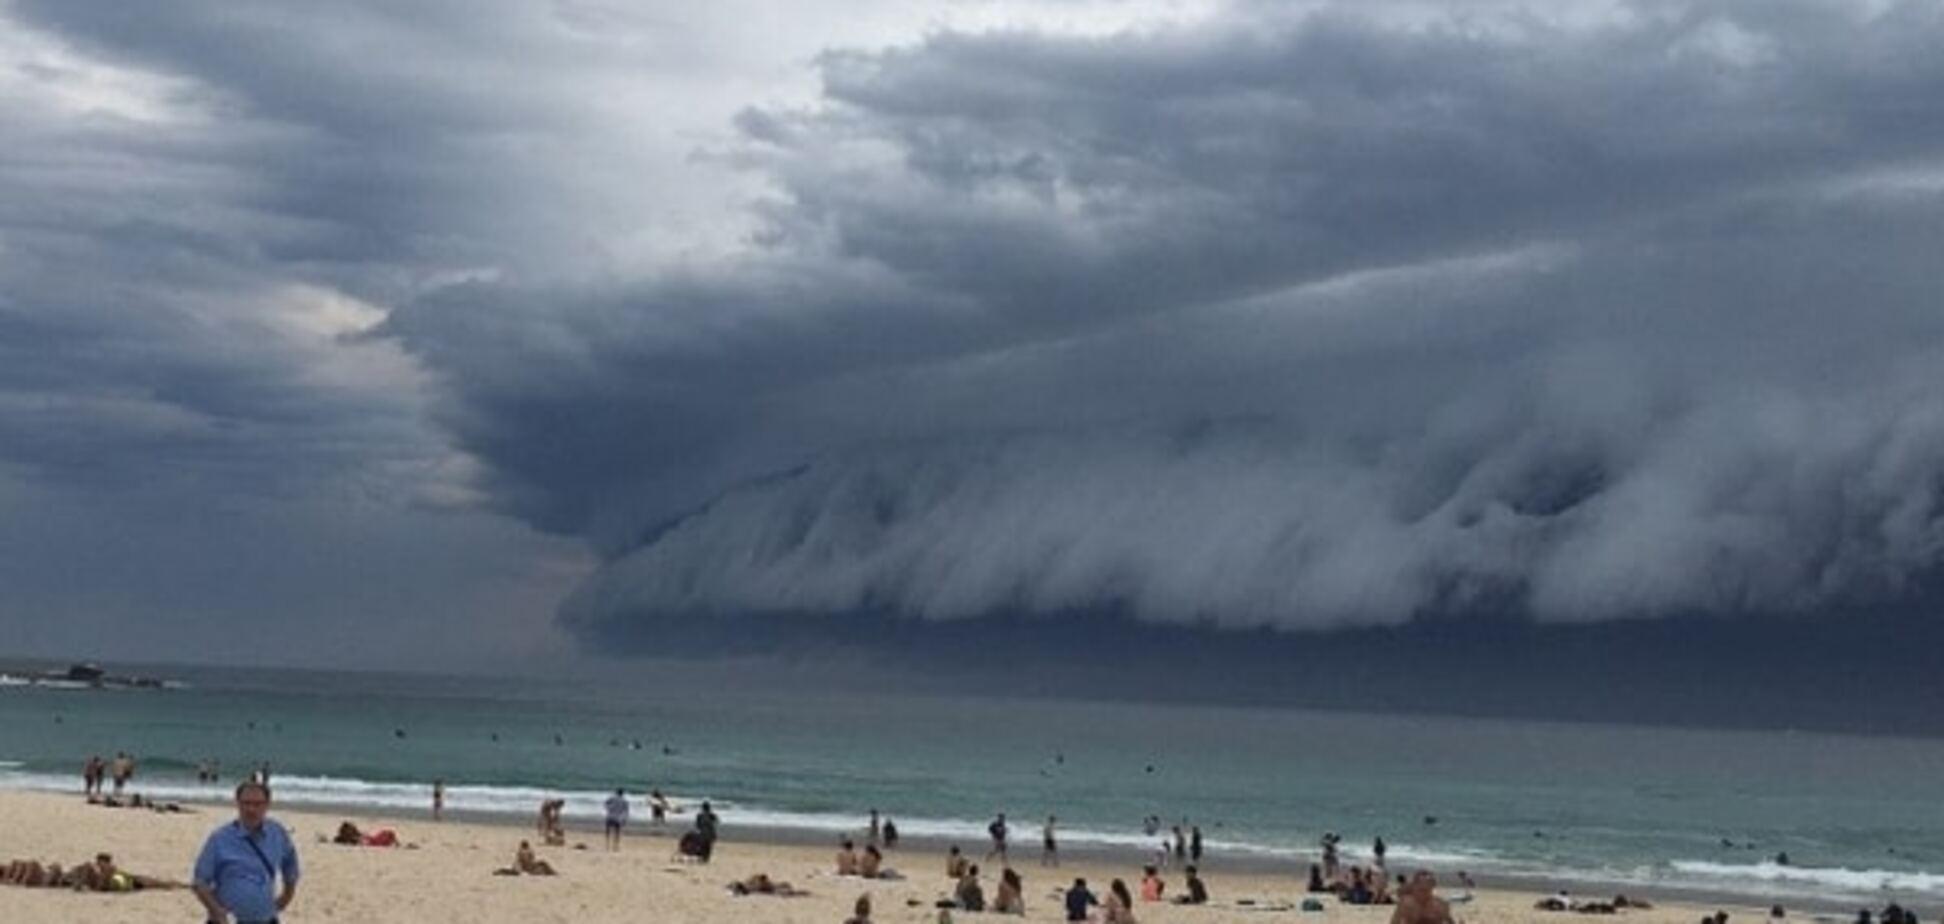 Австралию накрыло гигантское цунами из облаков: фото и видео